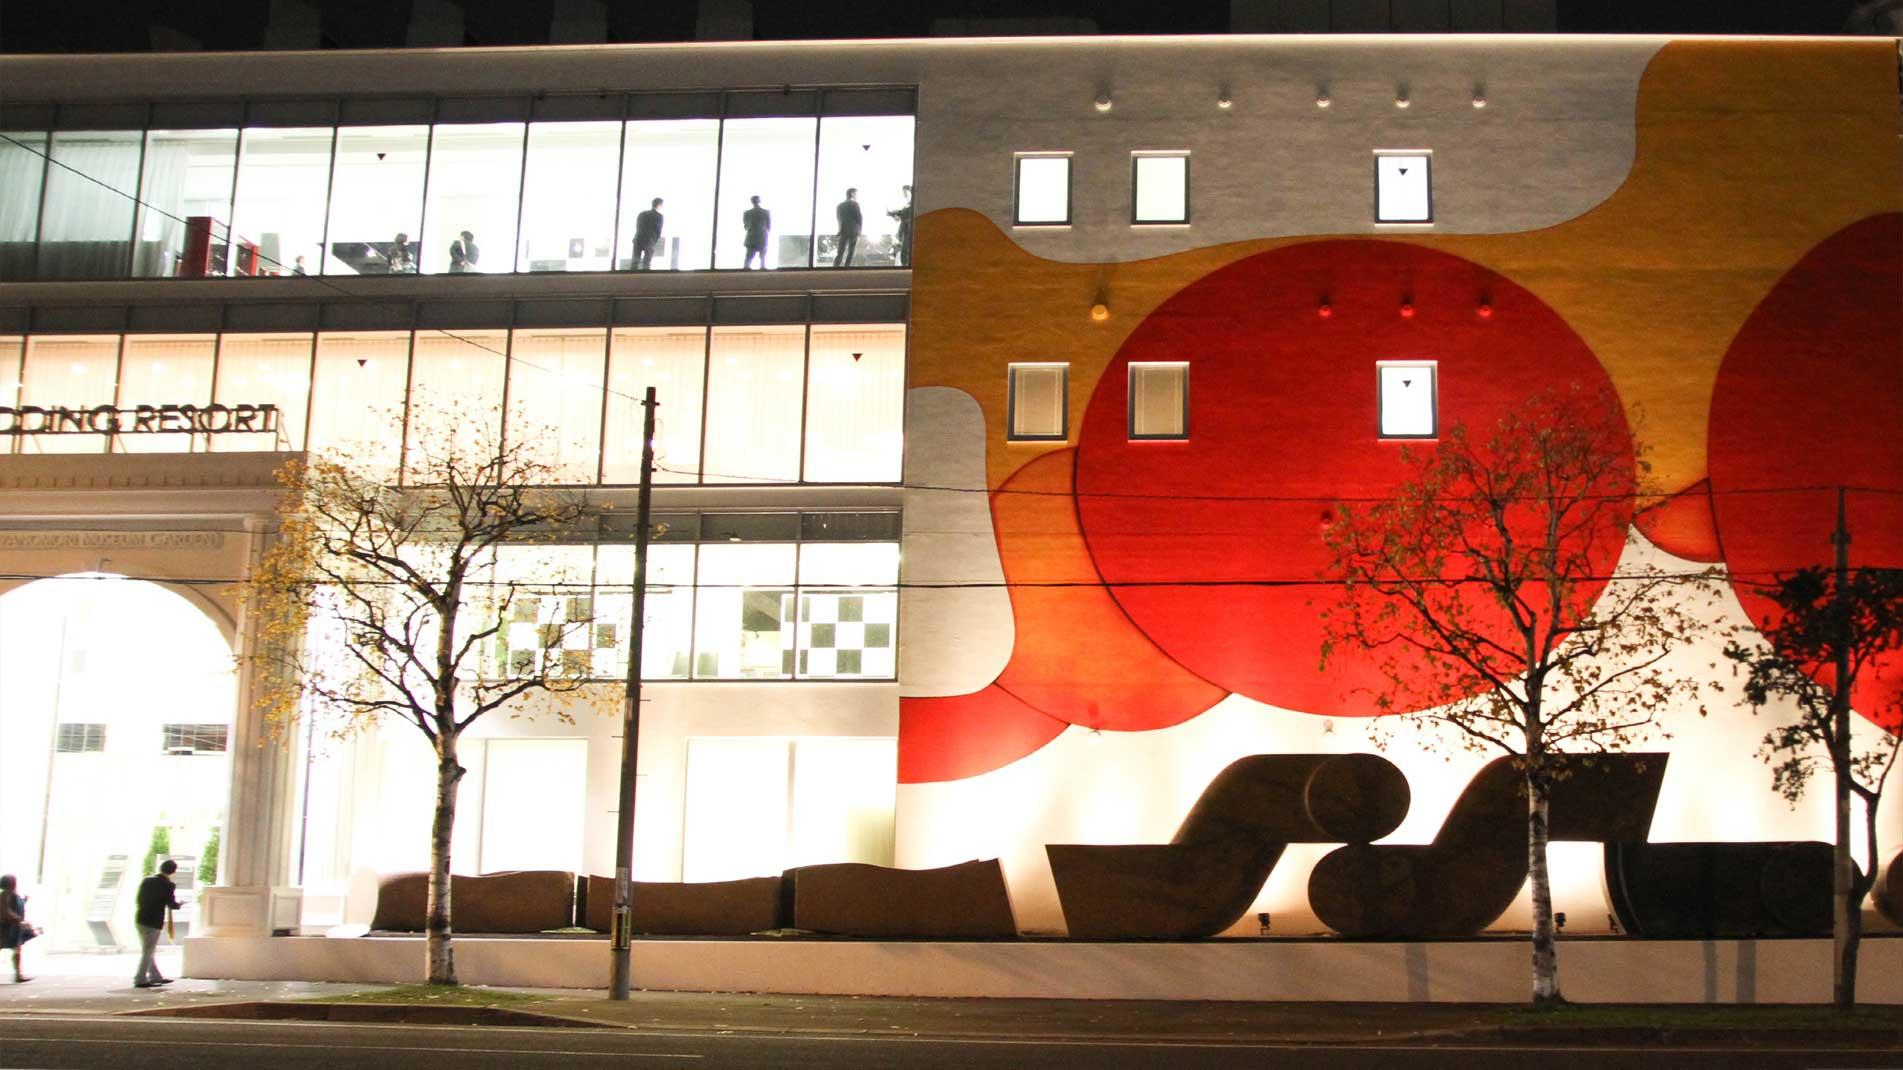 Guillaume Bottazzi, art public, Musée International d'Art Miyanomori, Japon